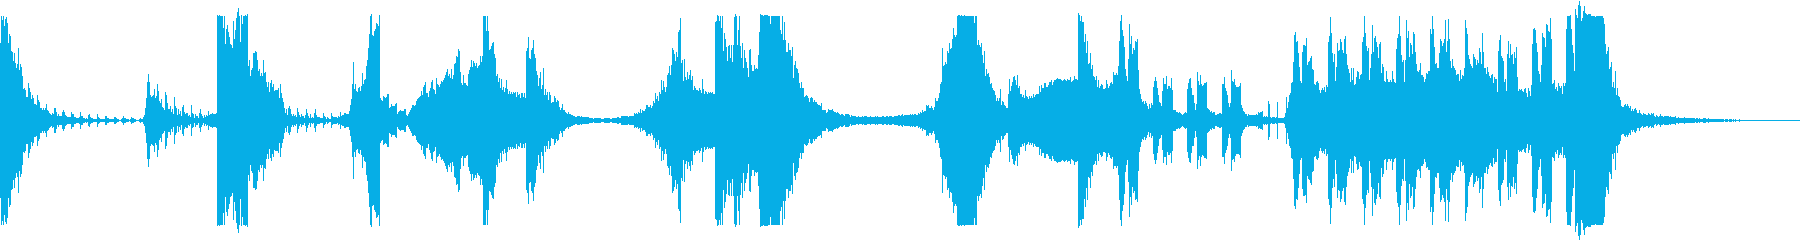 メタルヒット、メタルスウィッシュ、...の再生済みの波形